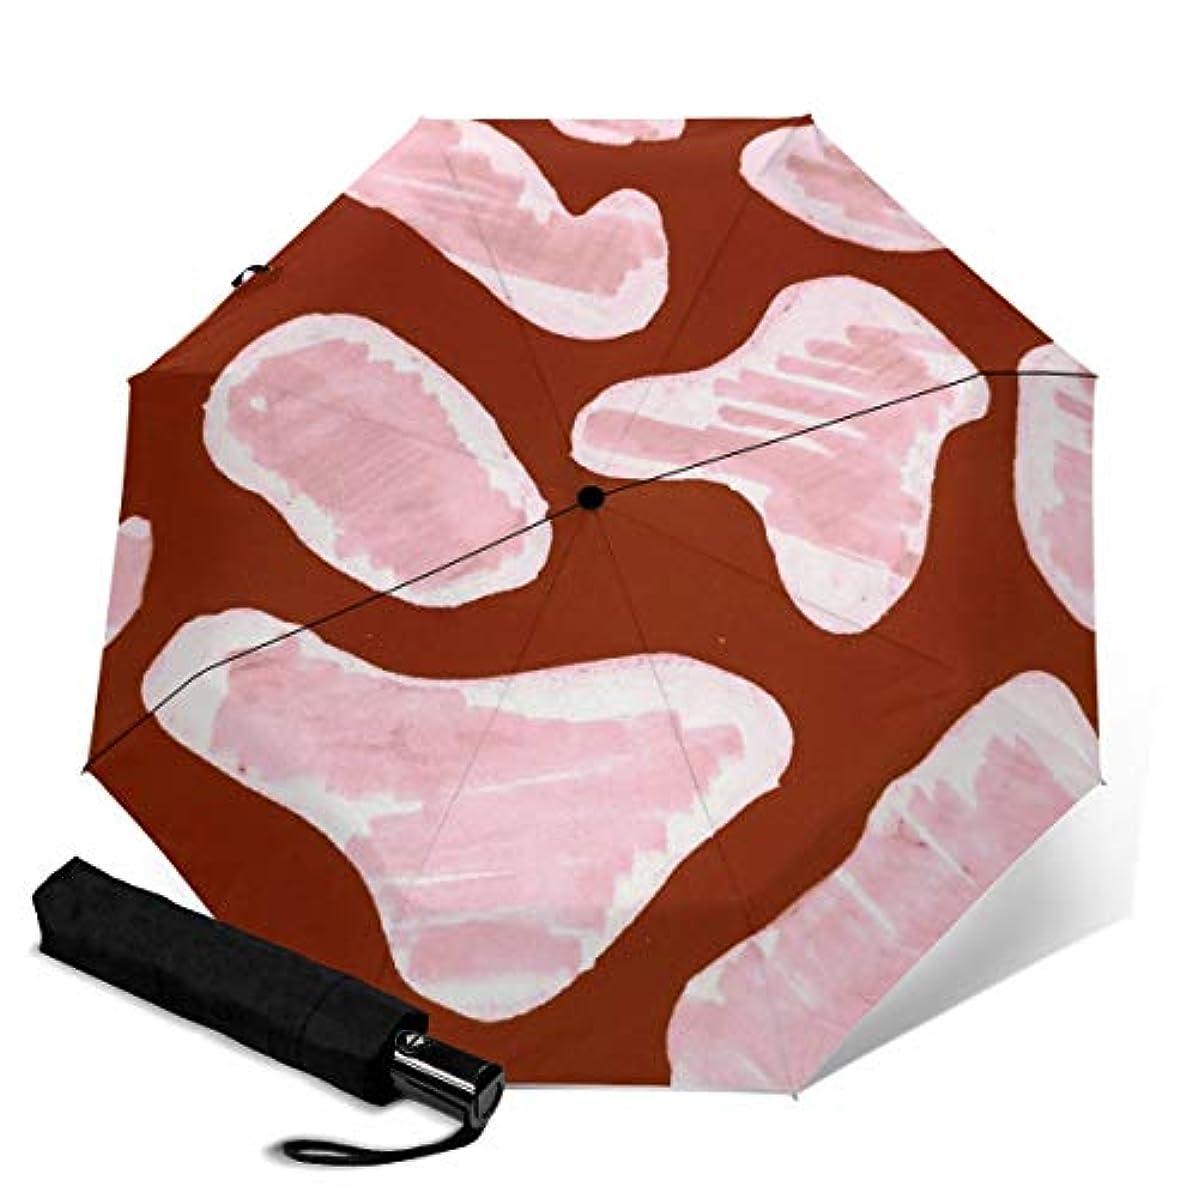 刺すビーズ行商(プタス)Putars メイクブラシ メイクブラシセット 4本セット 17-18cm アイメイク 化粧ブラシ ふわふわ お肌に優しい 毛量たっぷり メイク道具 プレゼント